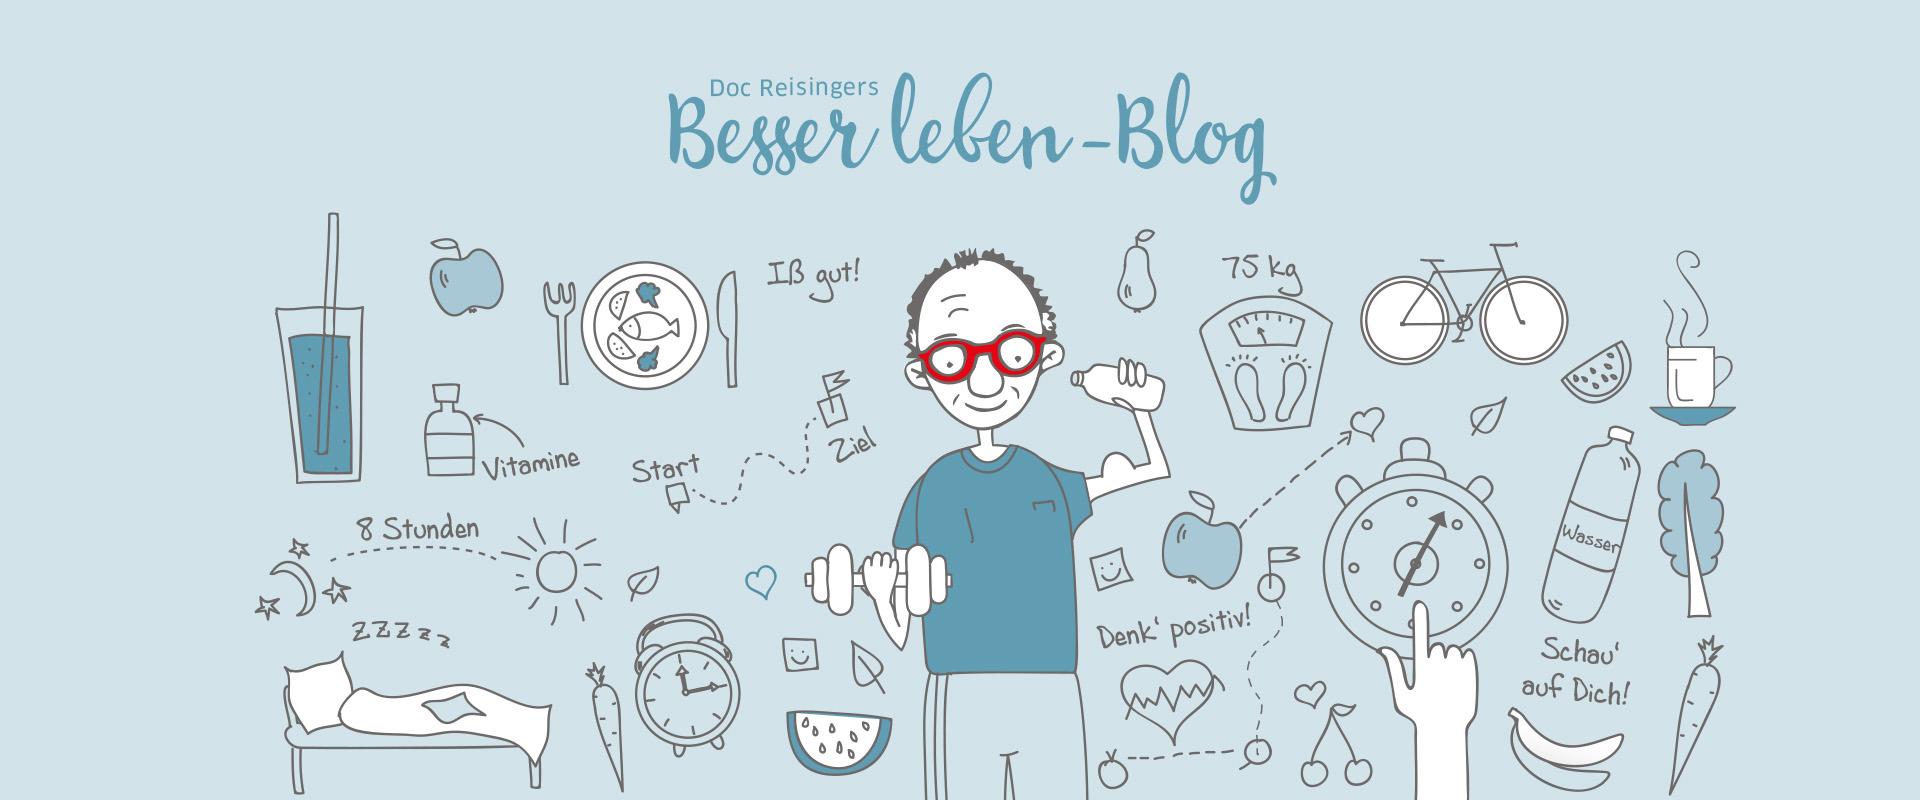 Blog-Titelbild